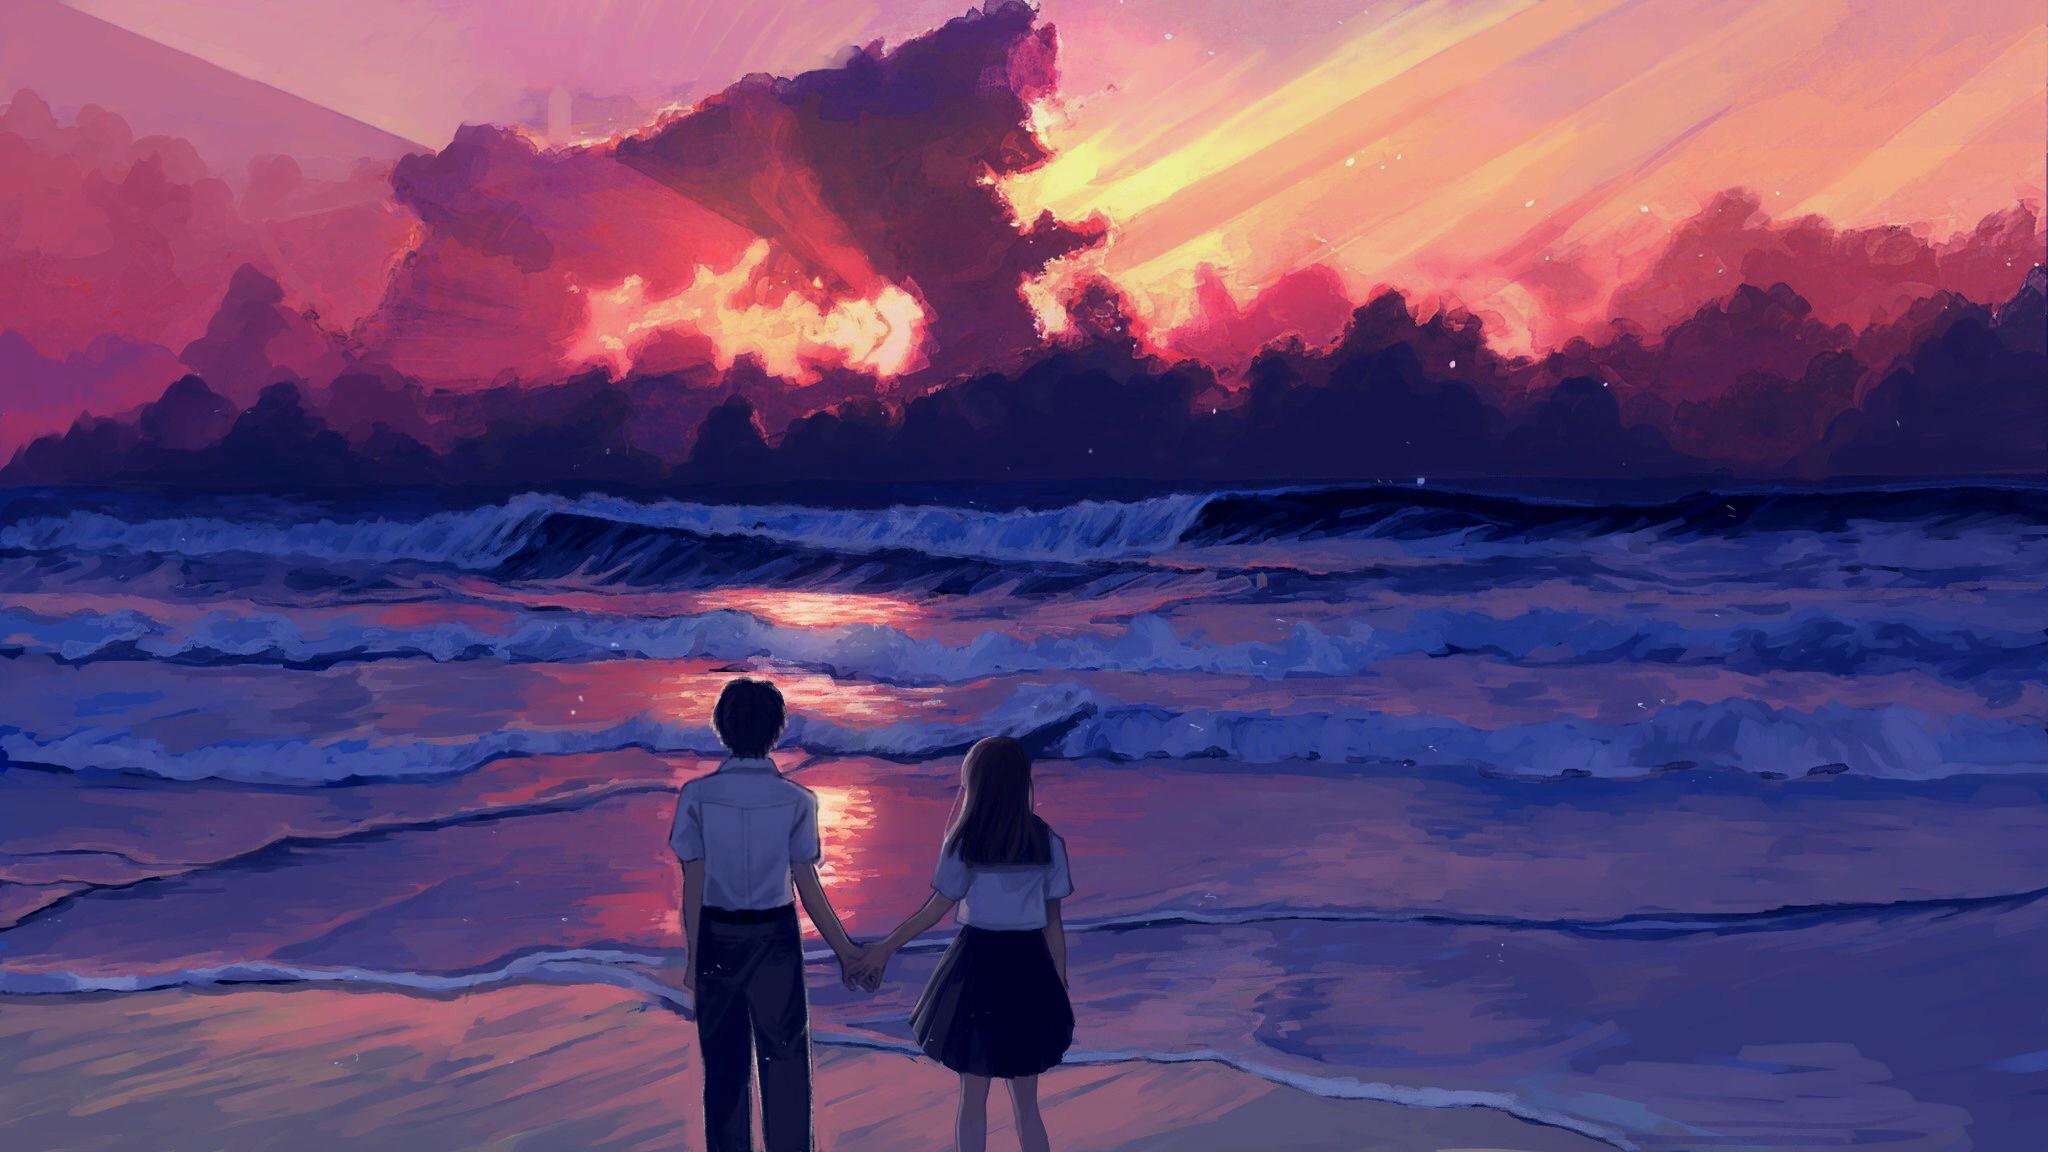 Masaüstü Anime Illüstrasyon Manzara Deniz Gün Batımı Boyama